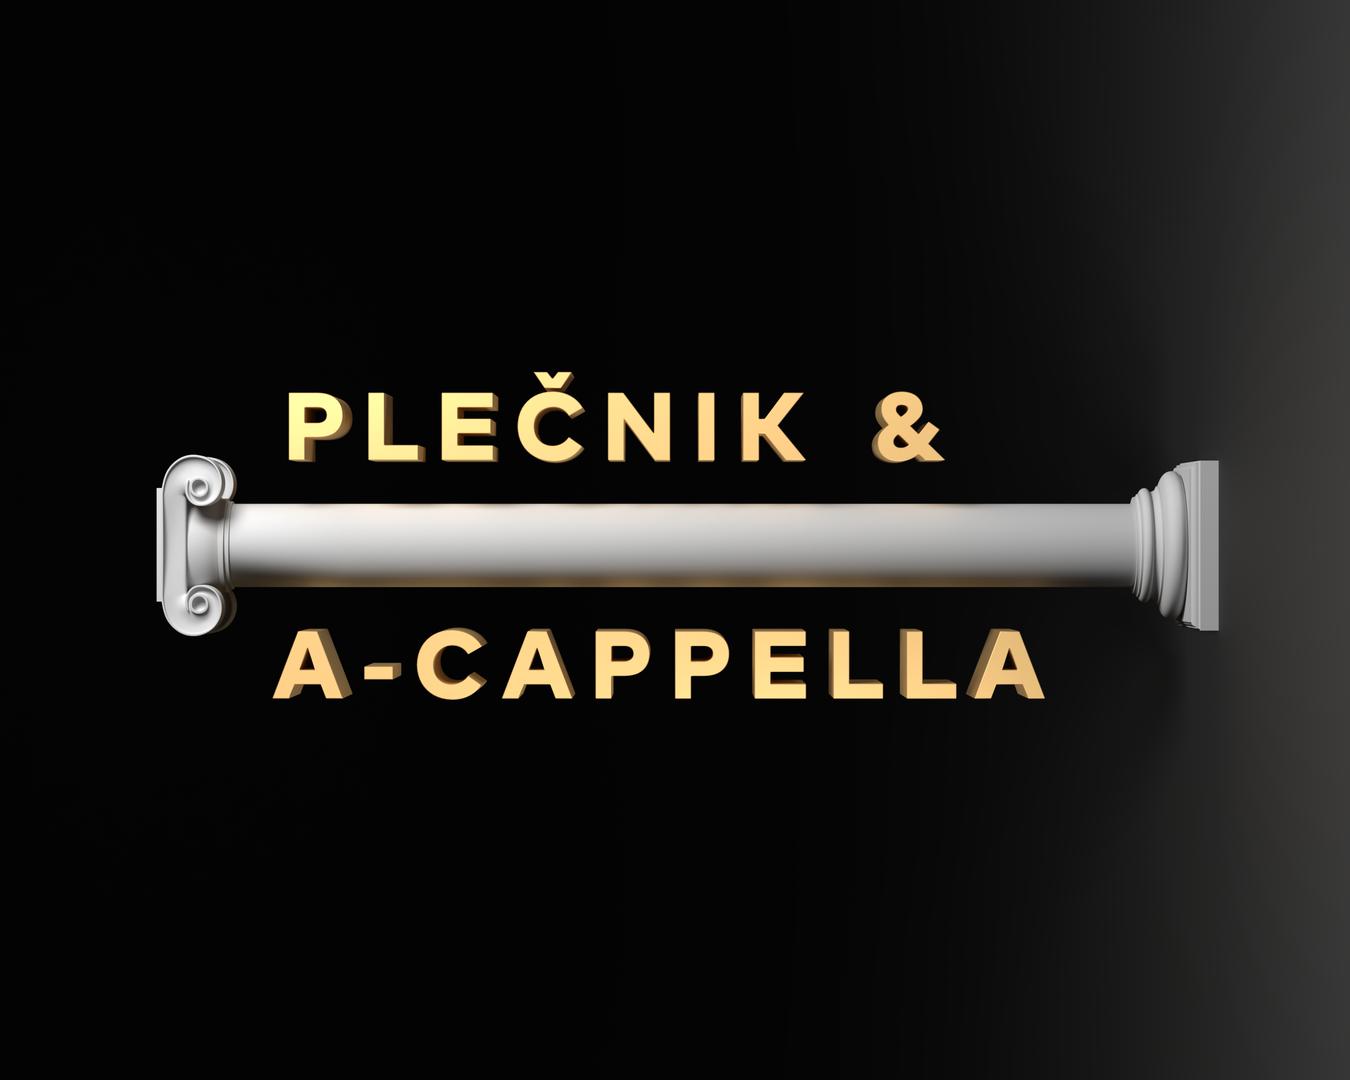 acapella render final 1.png